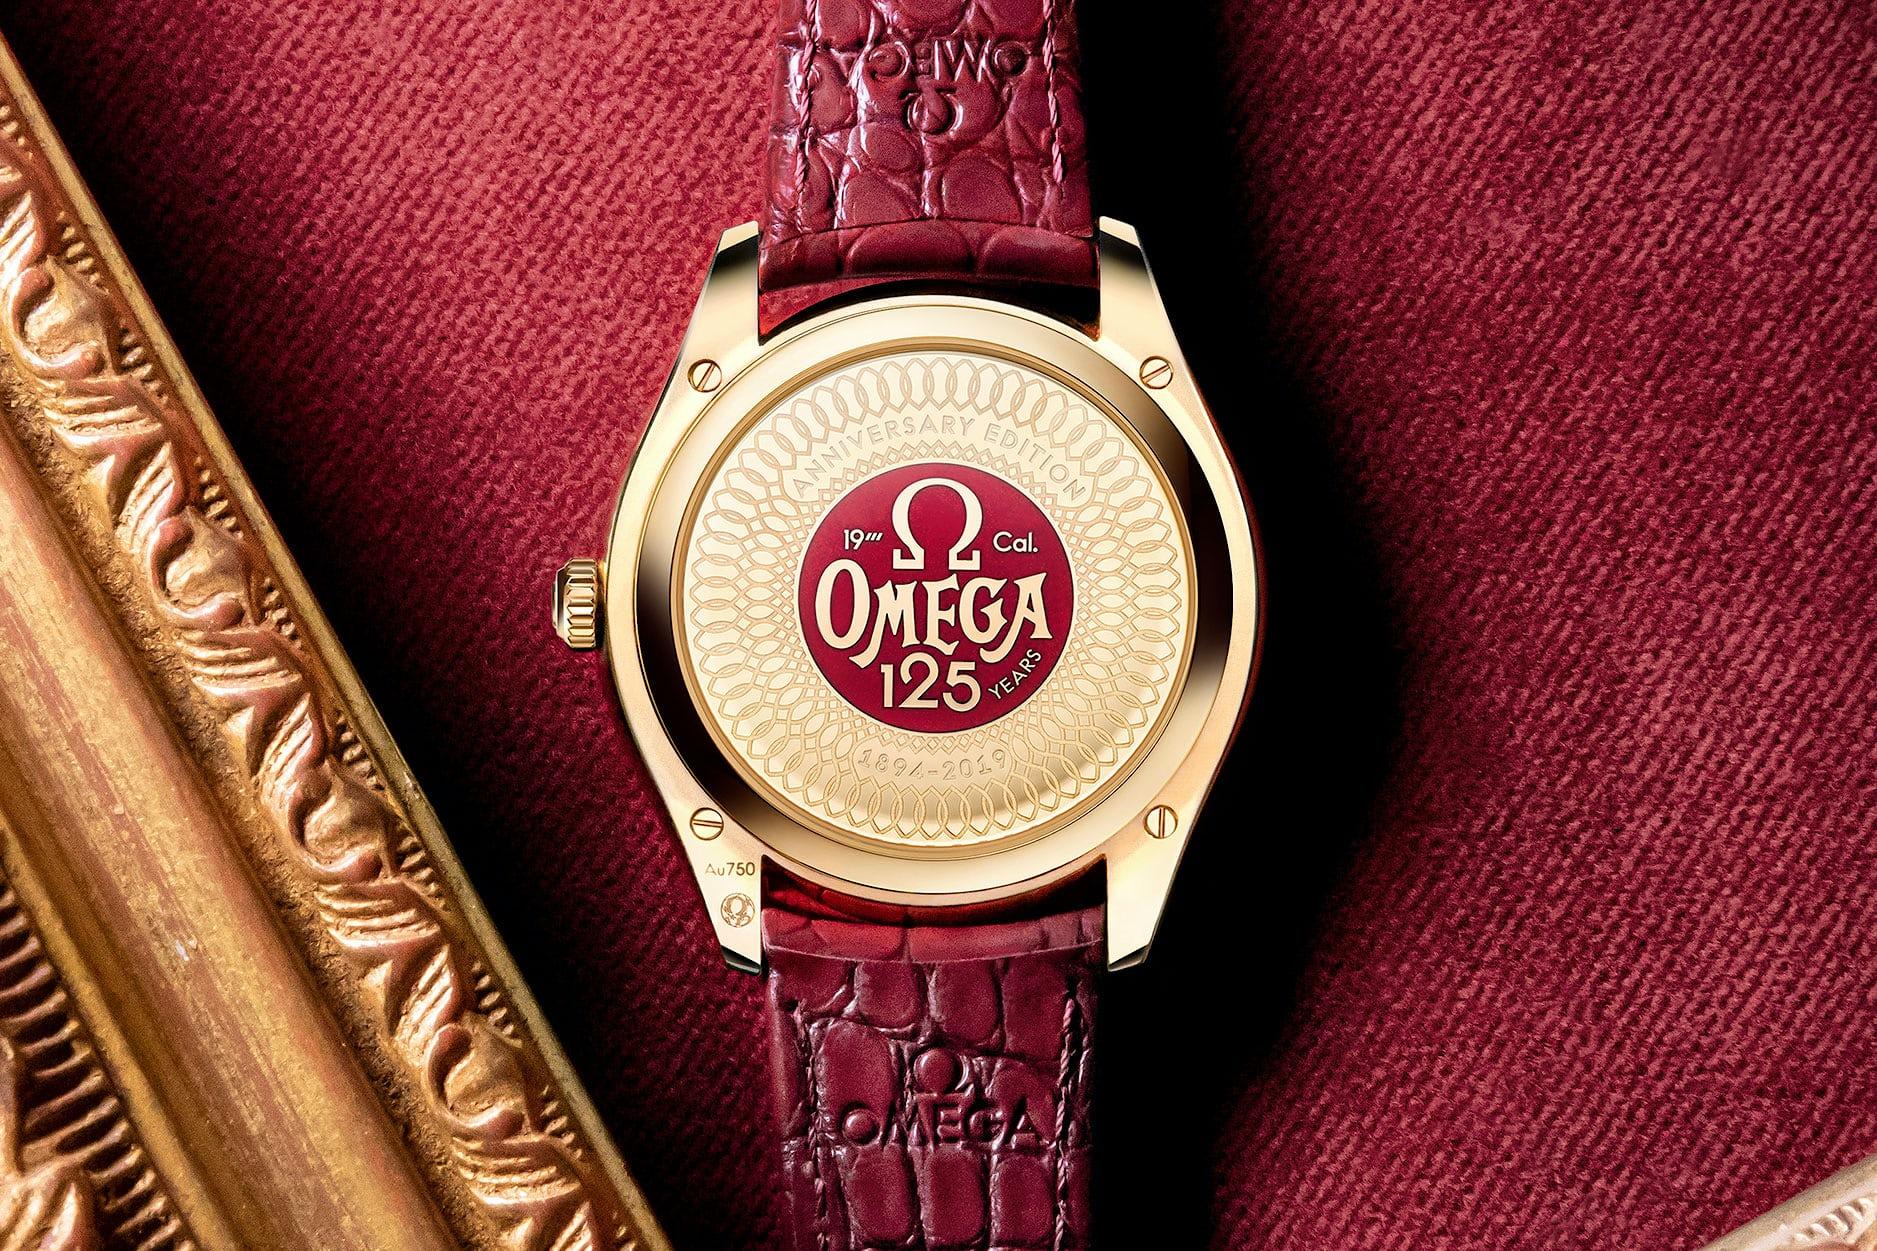 omega-de-ville-tresor-125th-anniversary-edition-caseback-rendering